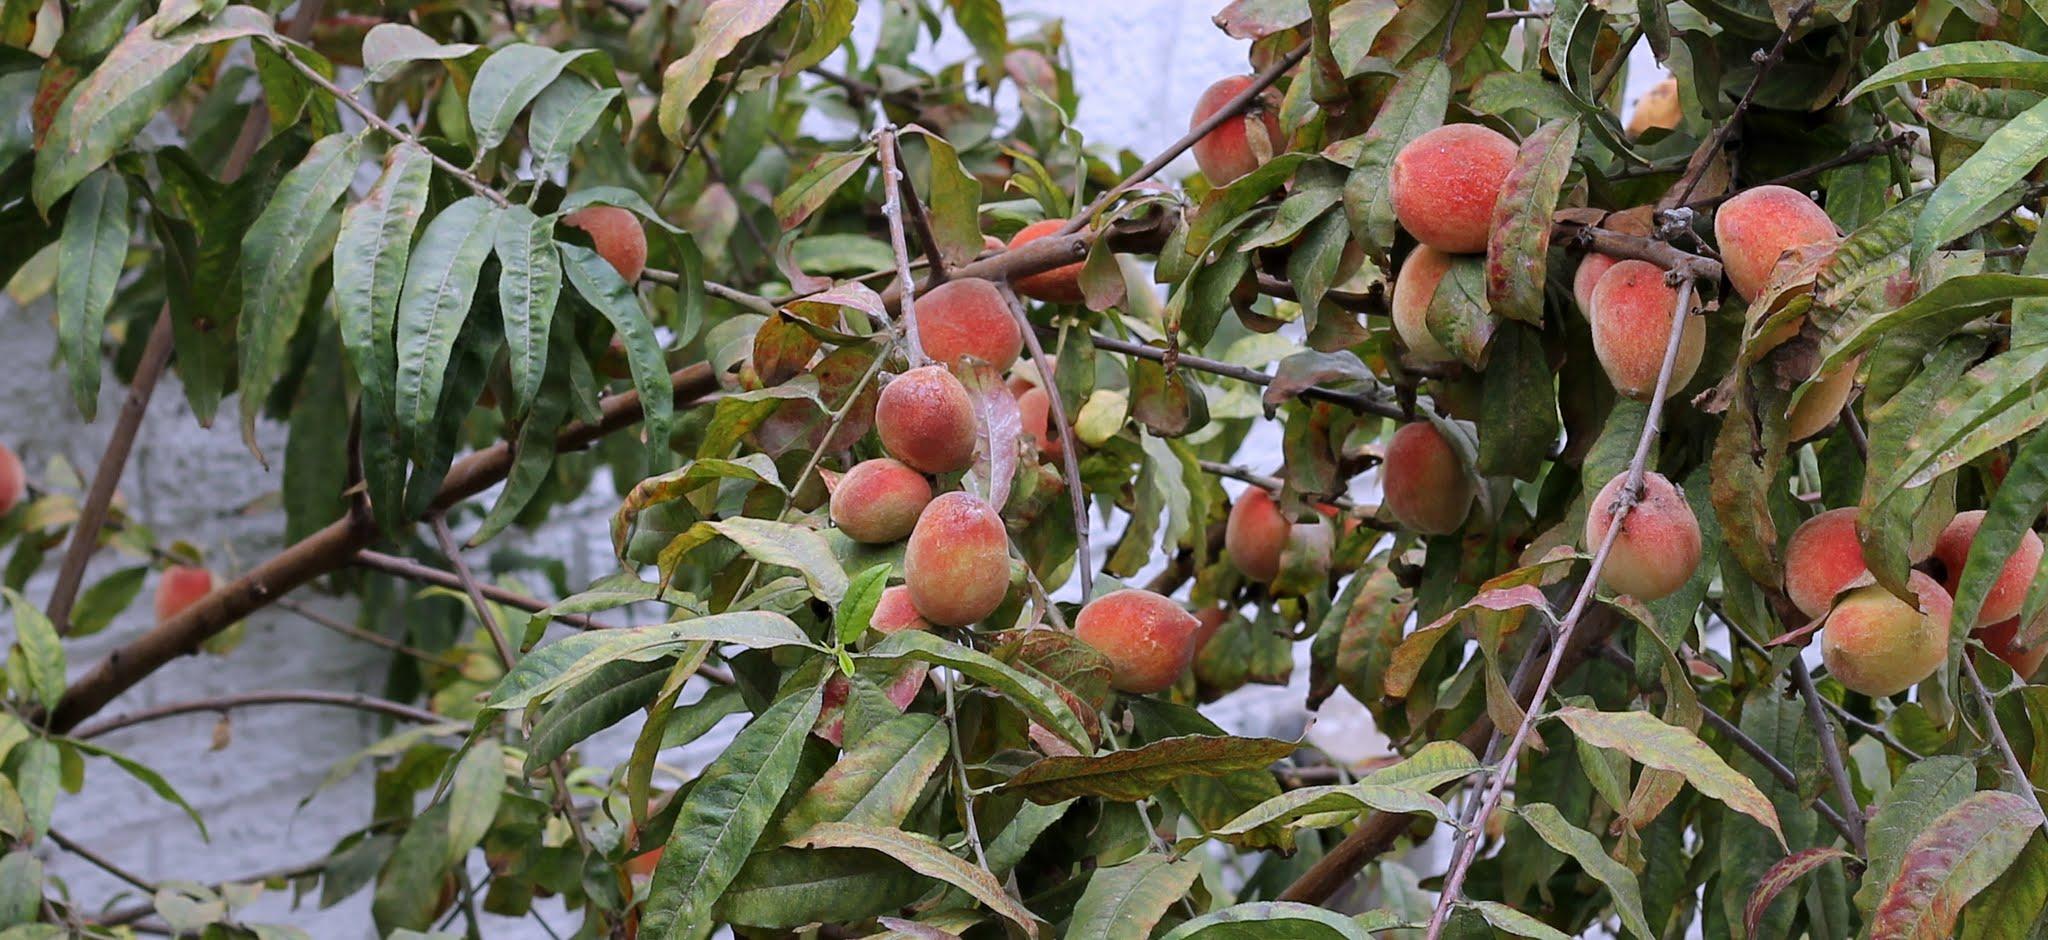 Peach tree in garden full of fruit